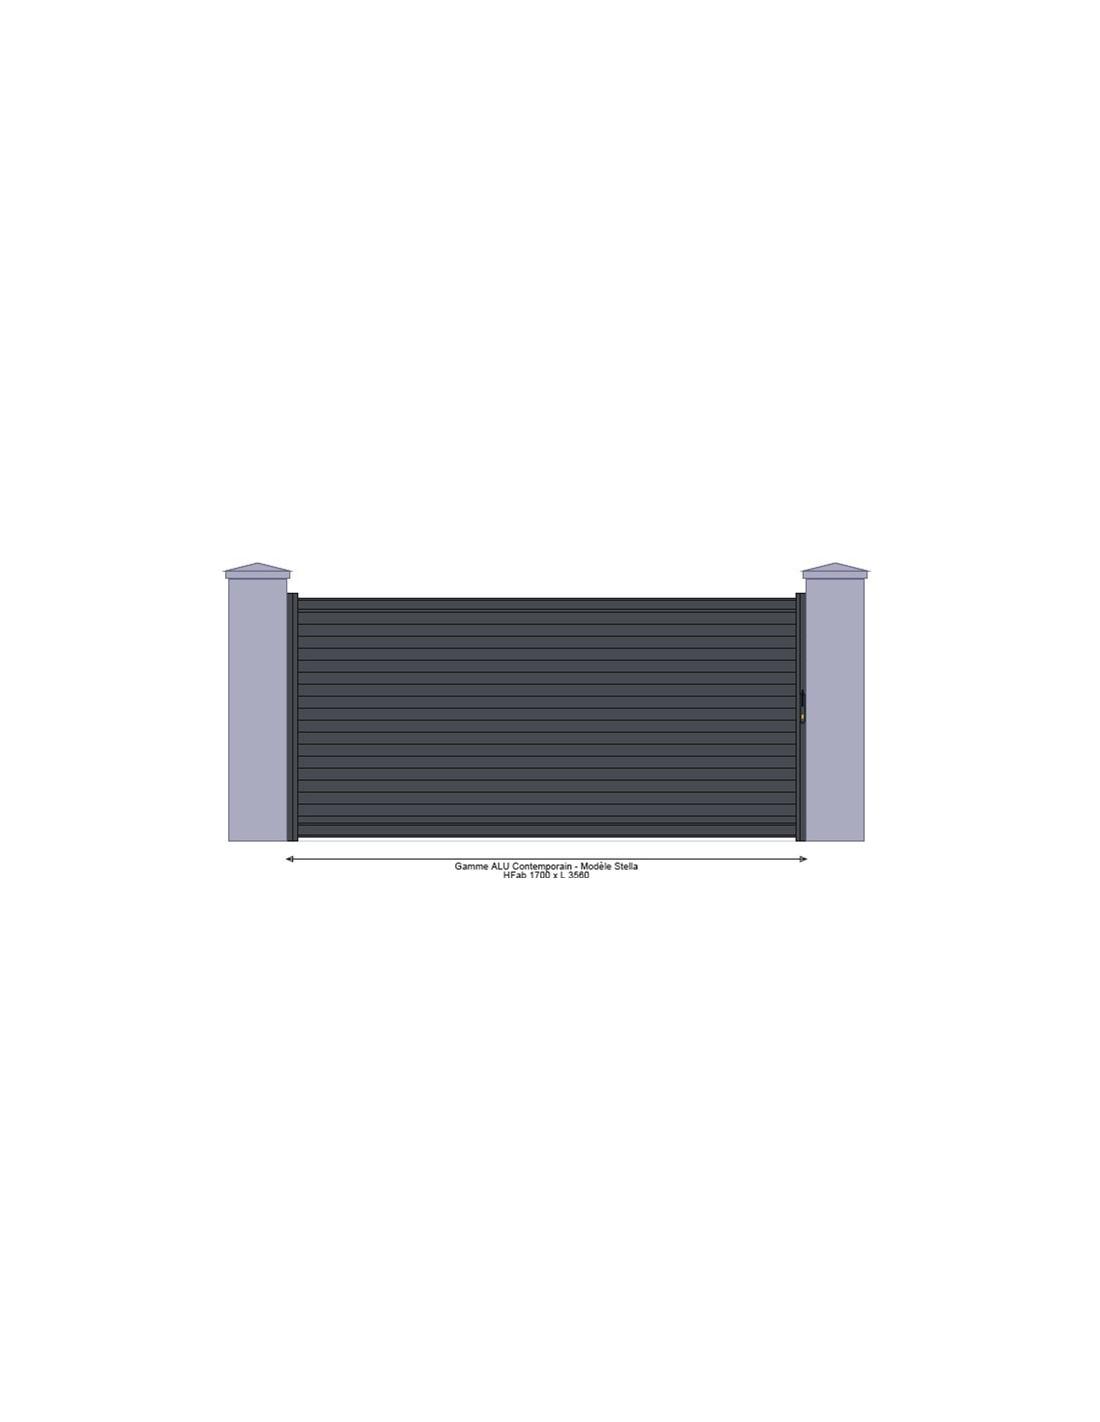 portail alu coulissant aluminium m 4 5 m mod le. Black Bedroom Furniture Sets. Home Design Ideas